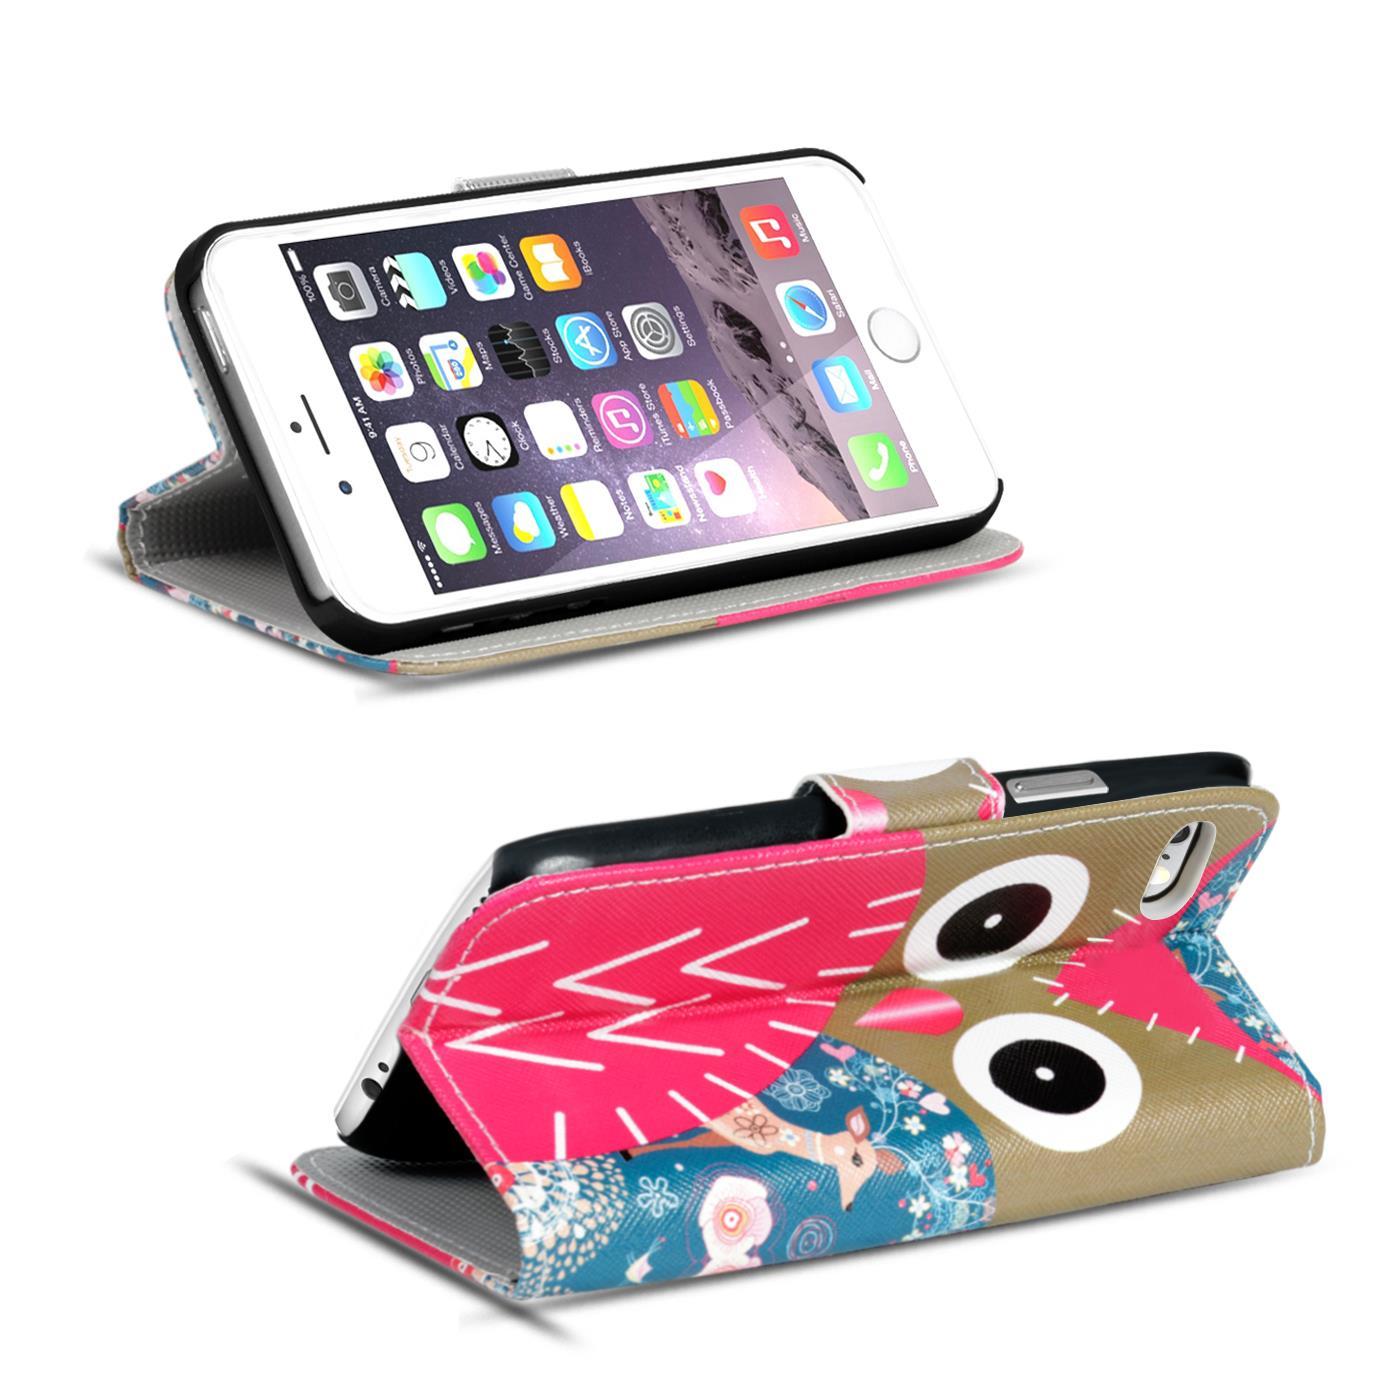 Handy-Huelle-Apple-iPhone-8-Plus-Flip-Cover-Case-Schutz-Tasche-Etui-Motiv-Wallet Indexbild 54